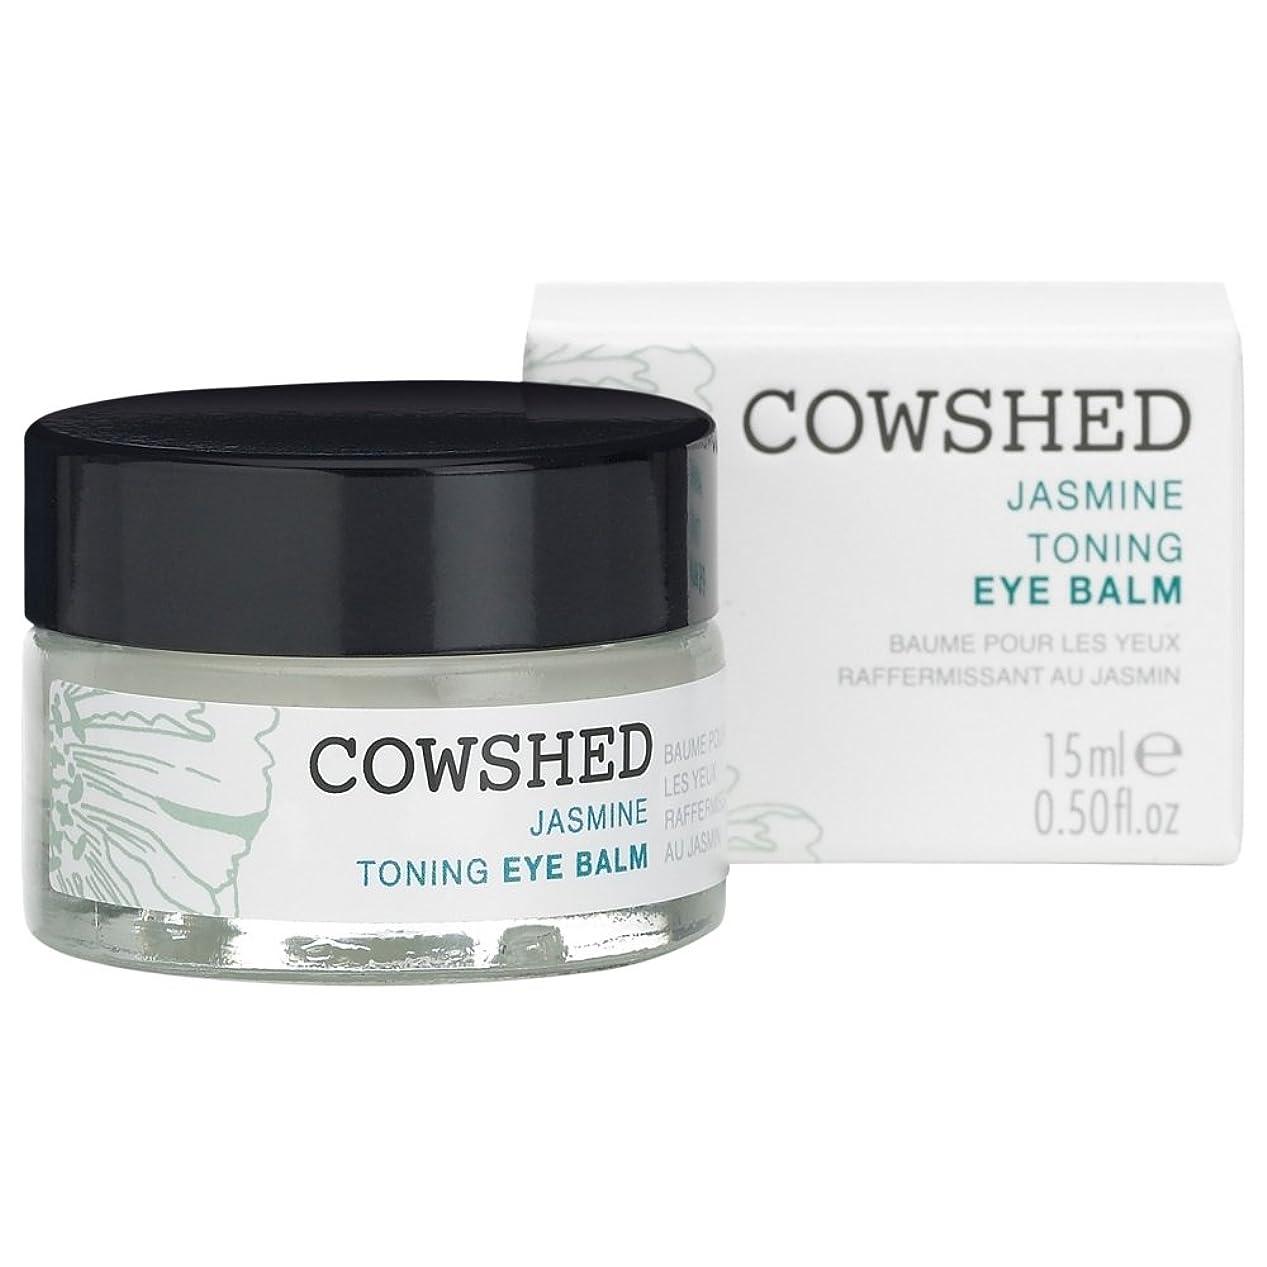 宇宙飛行士達成するお世話になった牛舎ジャスミン調色アイクリーム15ミリリットル (Cowshed) (x6) - Cowshed Jasmine Toning Eye Balm 15ml (Pack of 6) [並行輸入品]